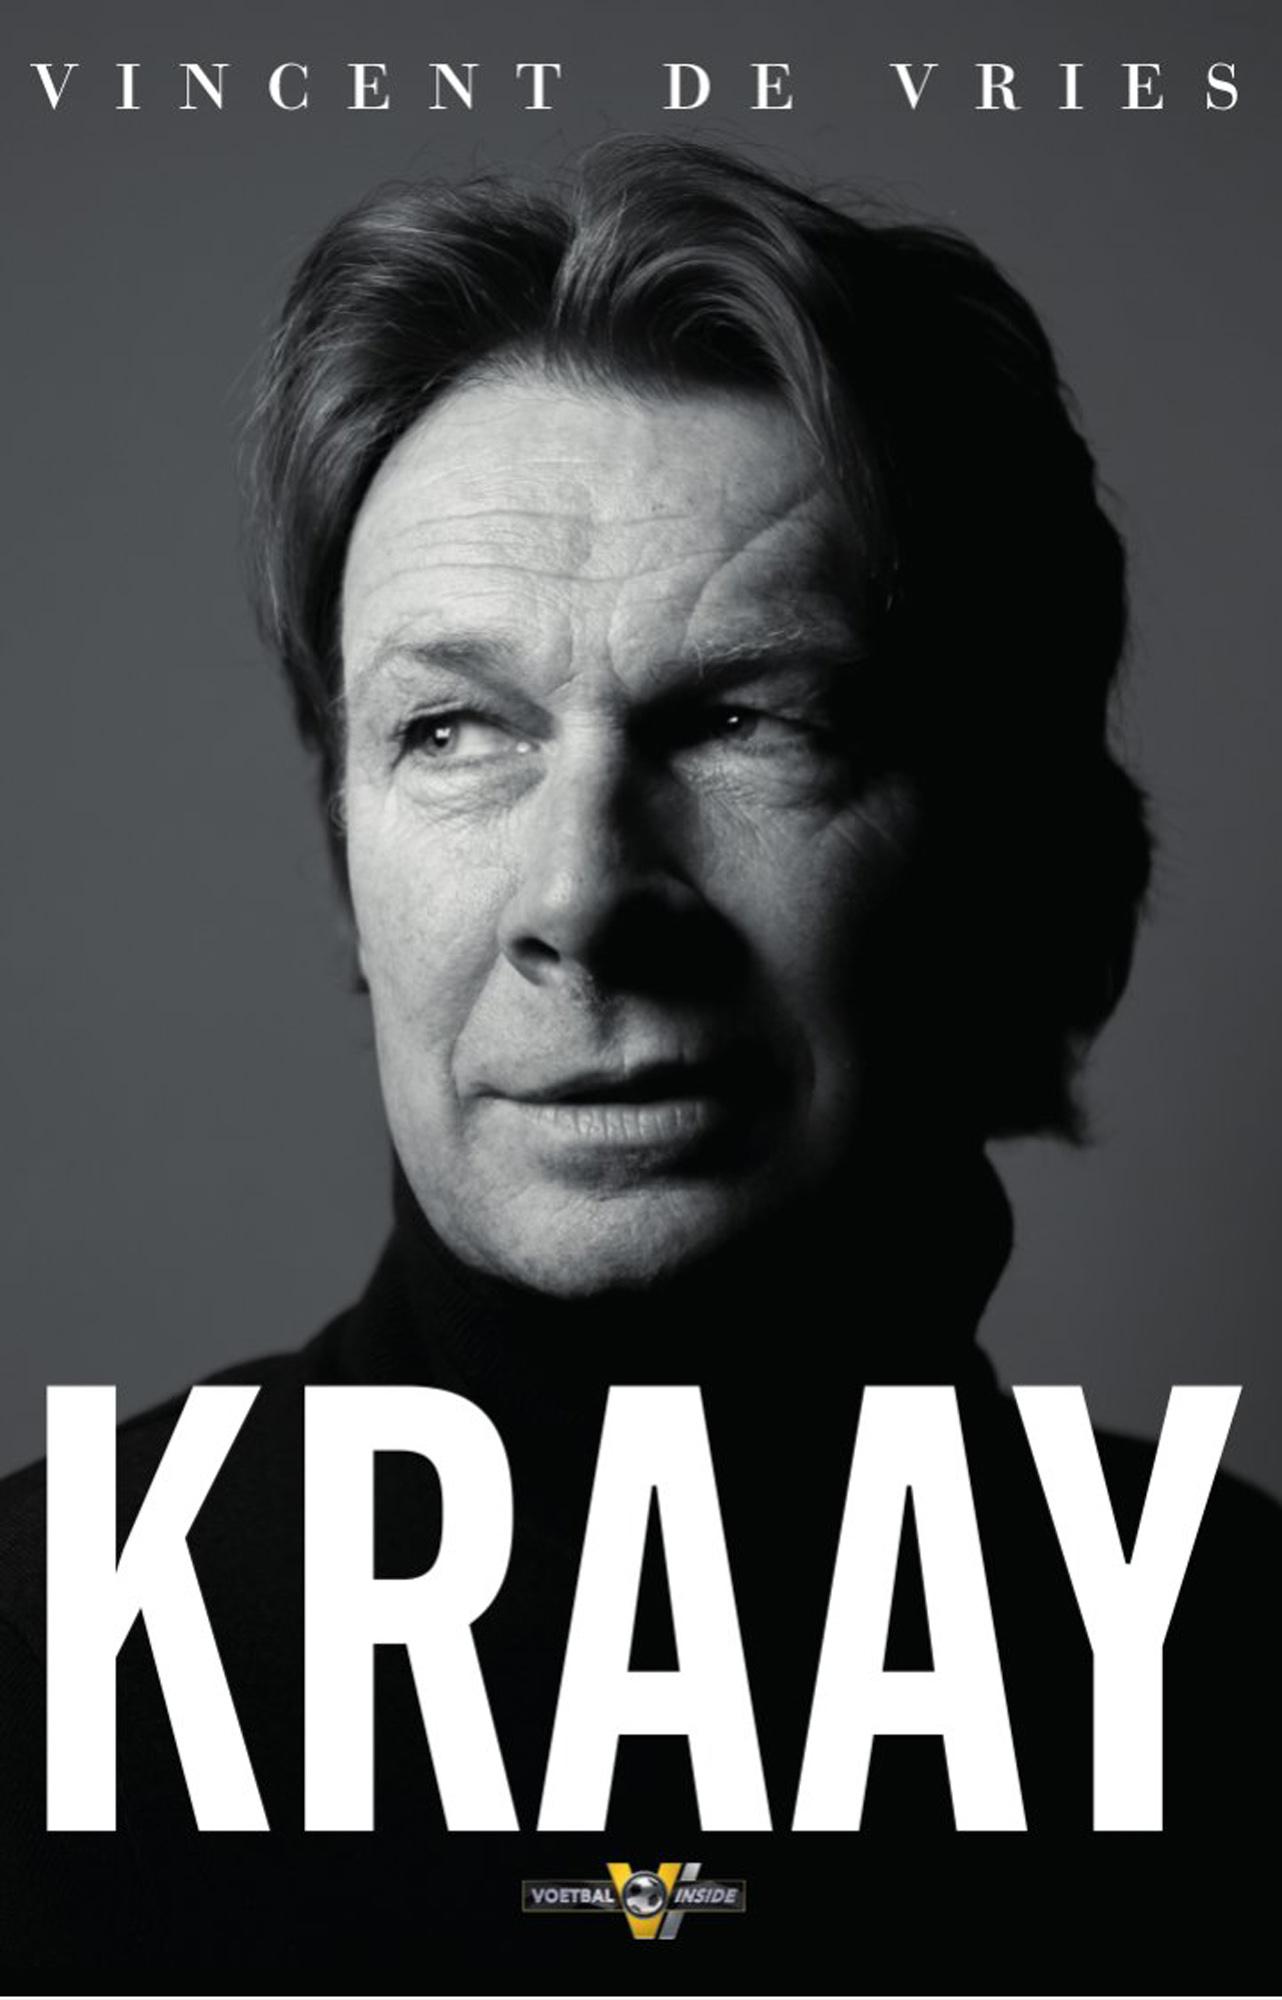 kraay1